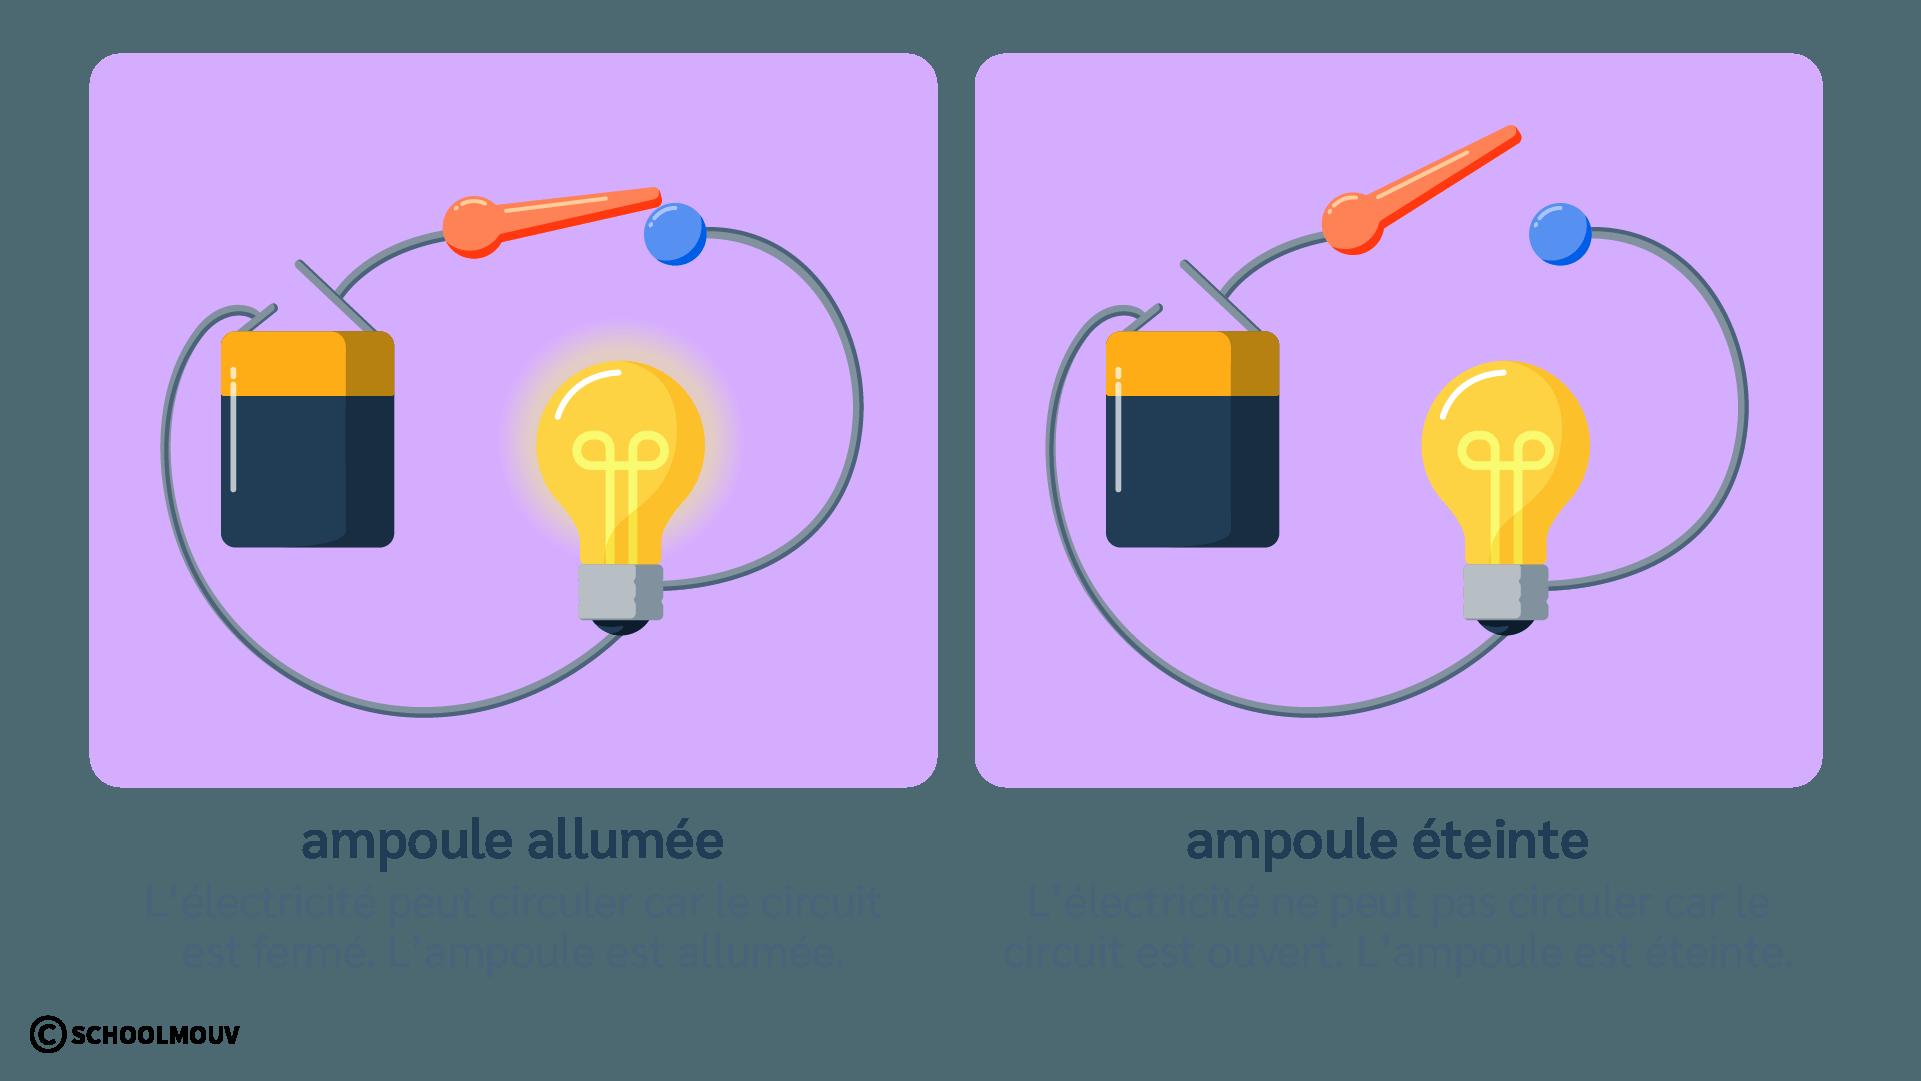 Circuit électrique - Interrupteur - Électricité - Pile - Ampoule - Sciences - CP